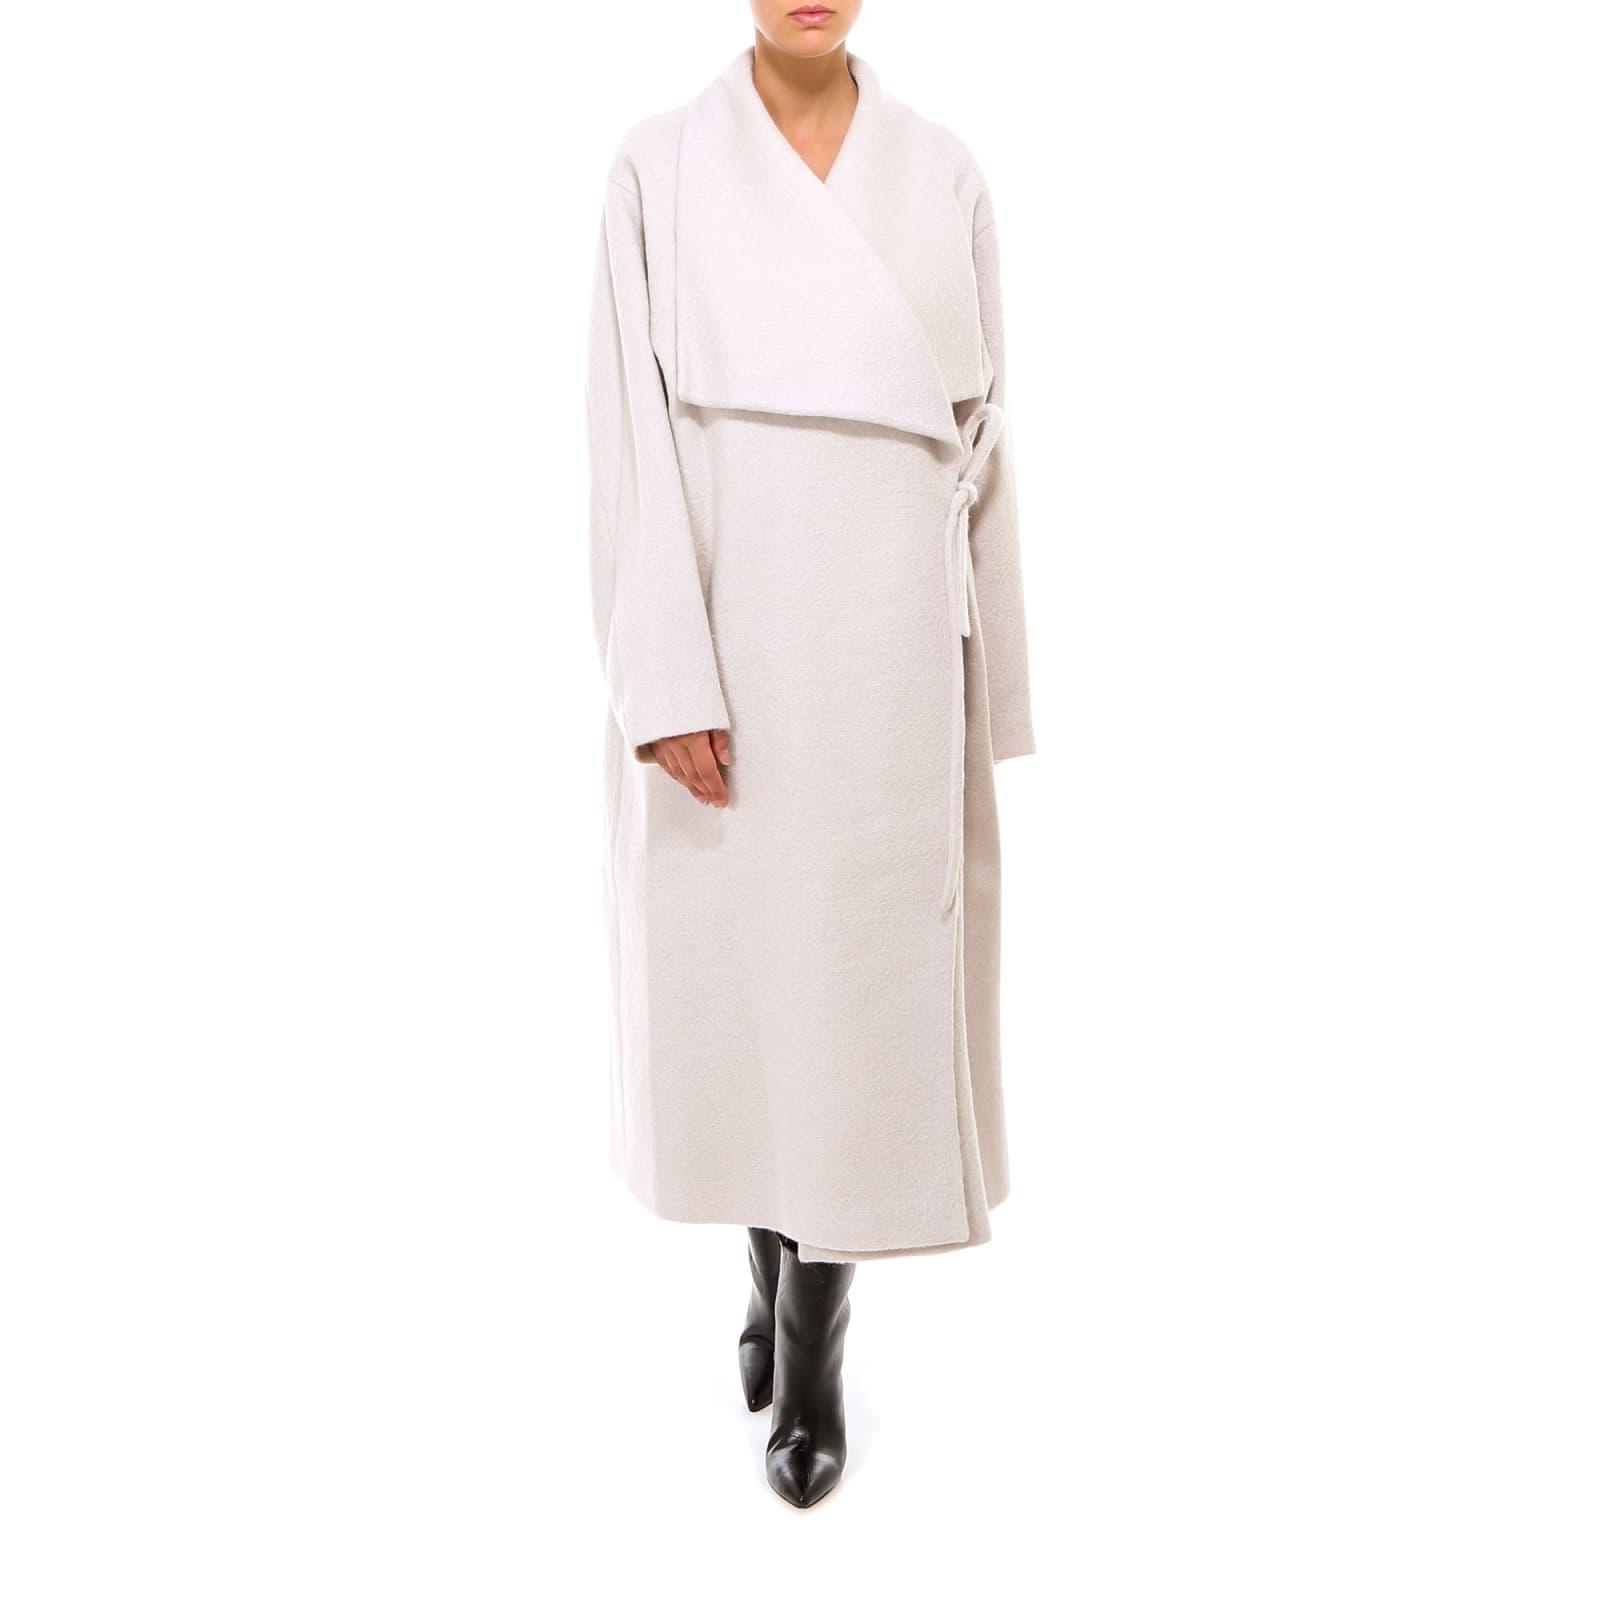 Le 17 Septembre Coat